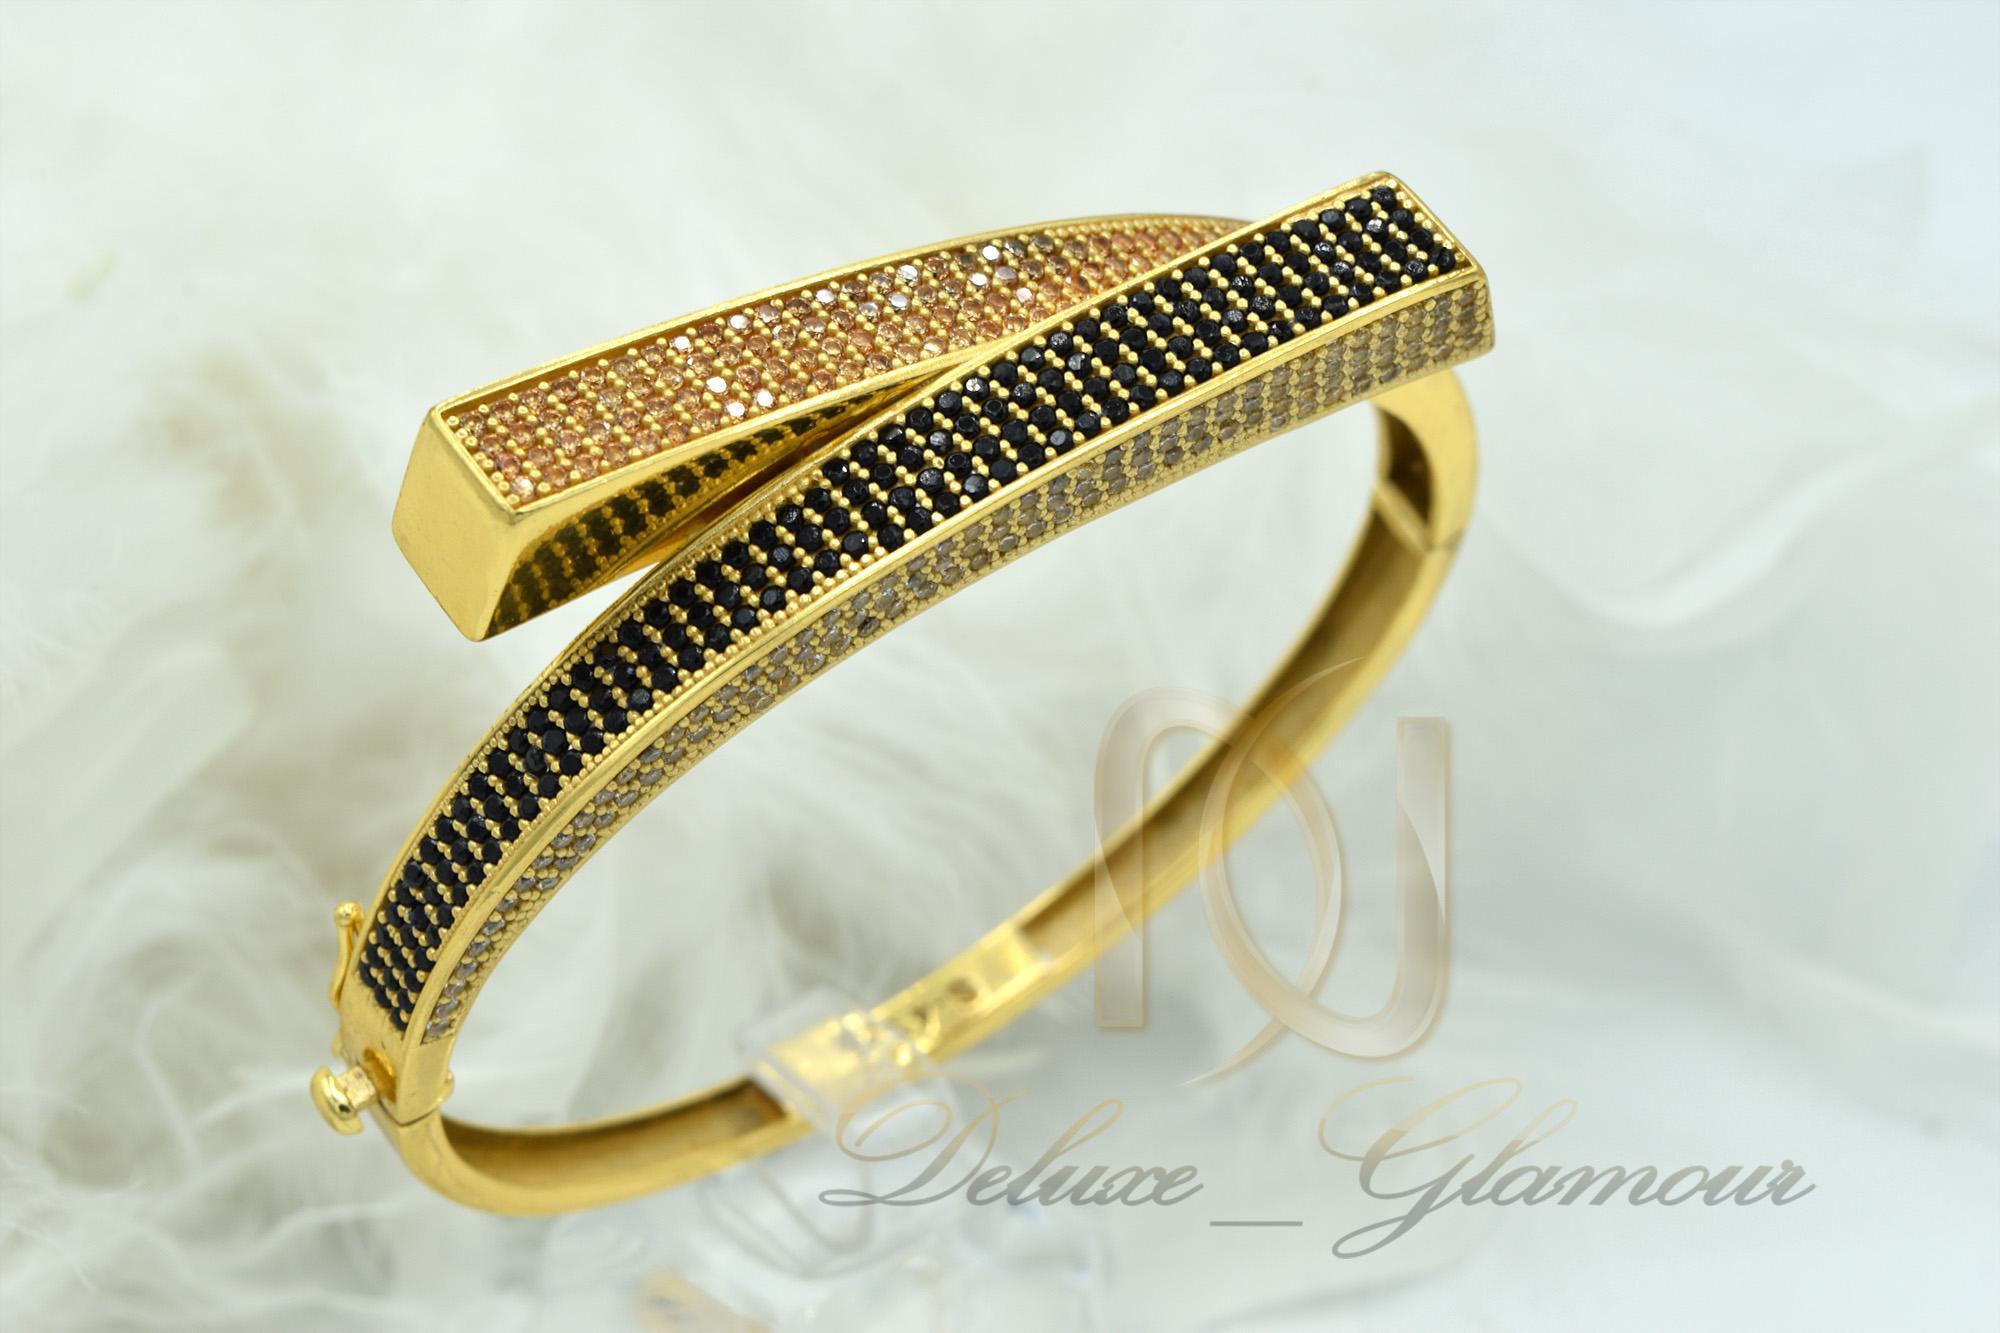 مدل دستبند های زنانه و دخترانه 2019 - دستبند نقره طرح طلا